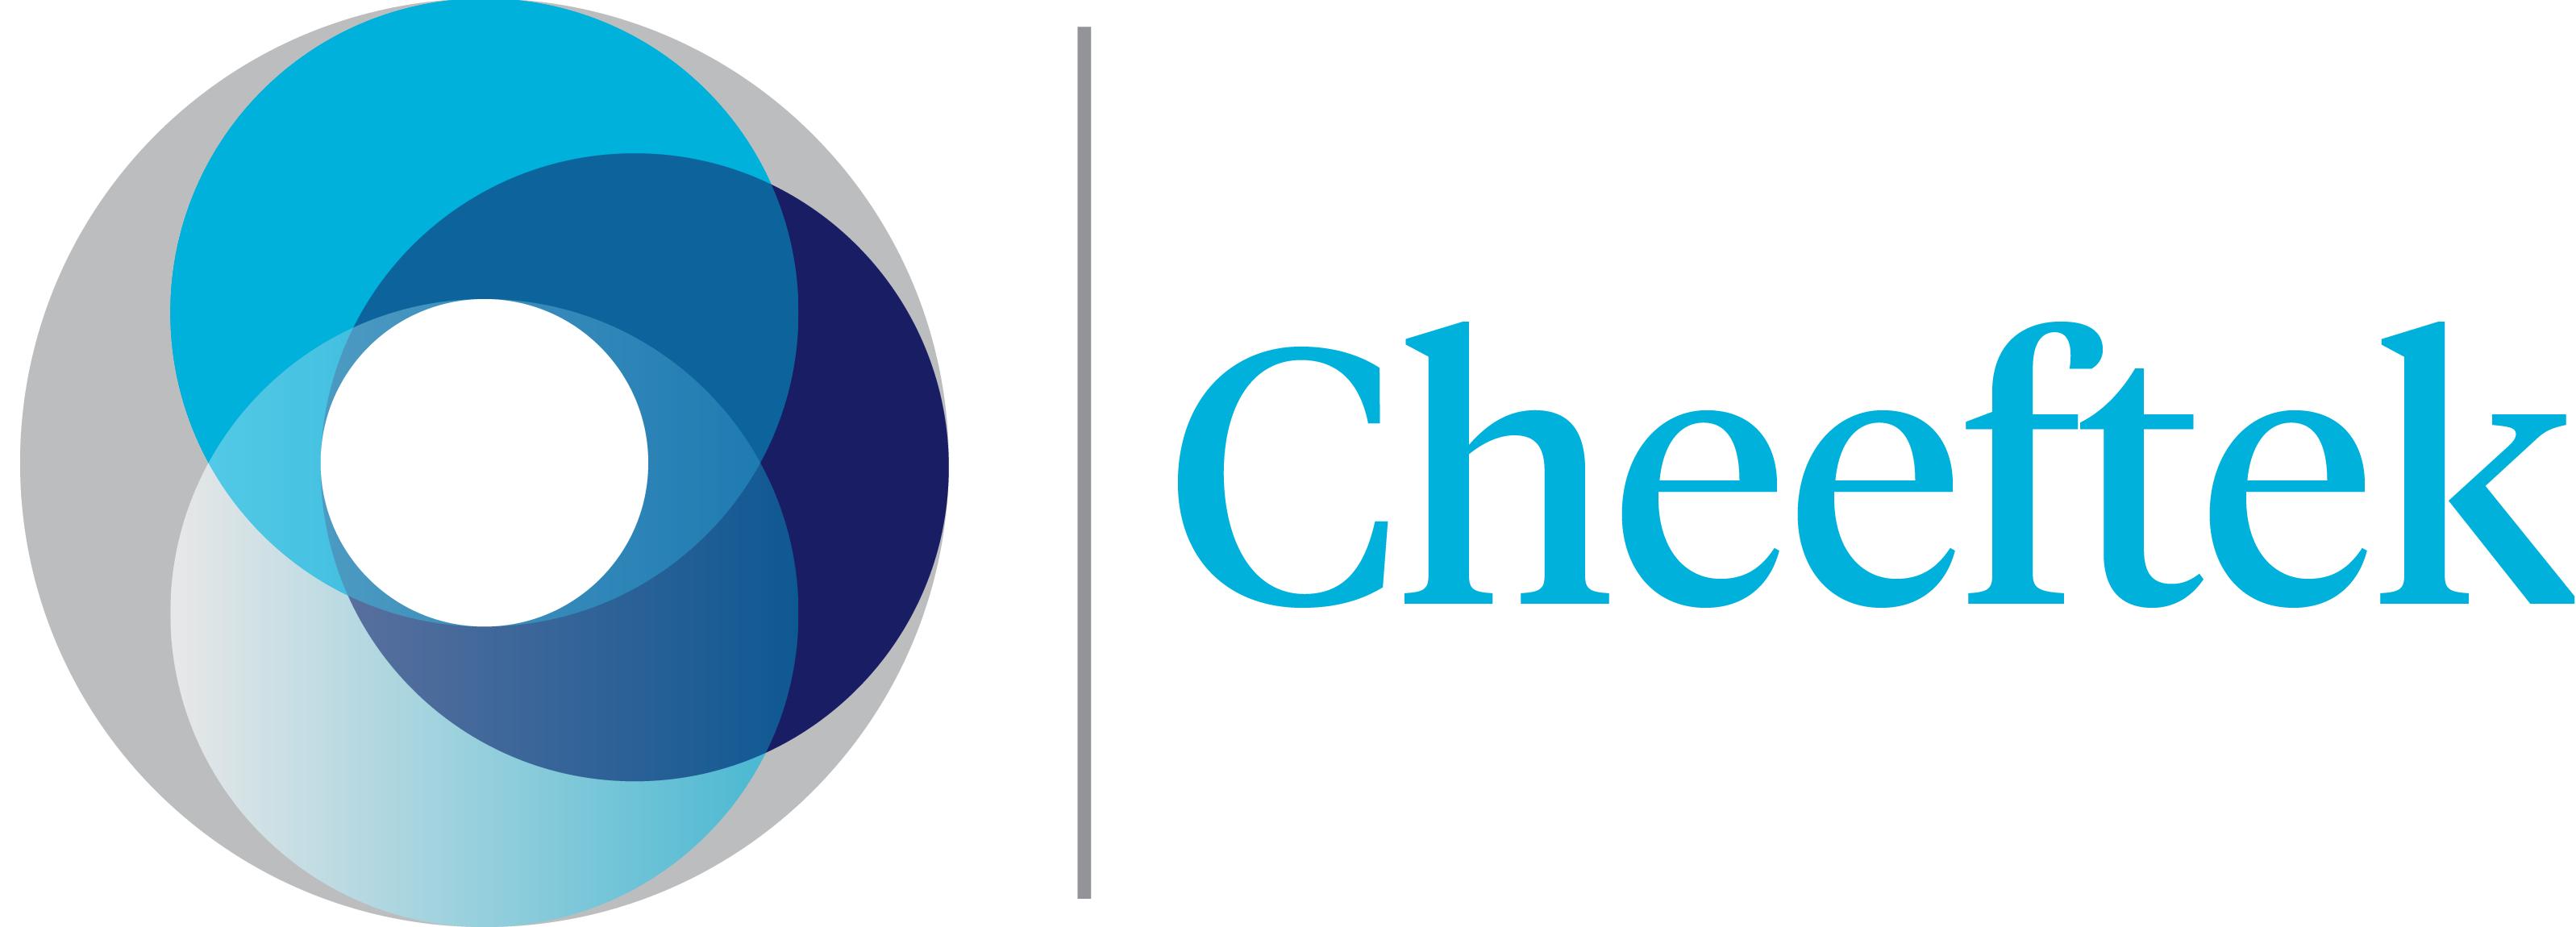 Cheeftek-011